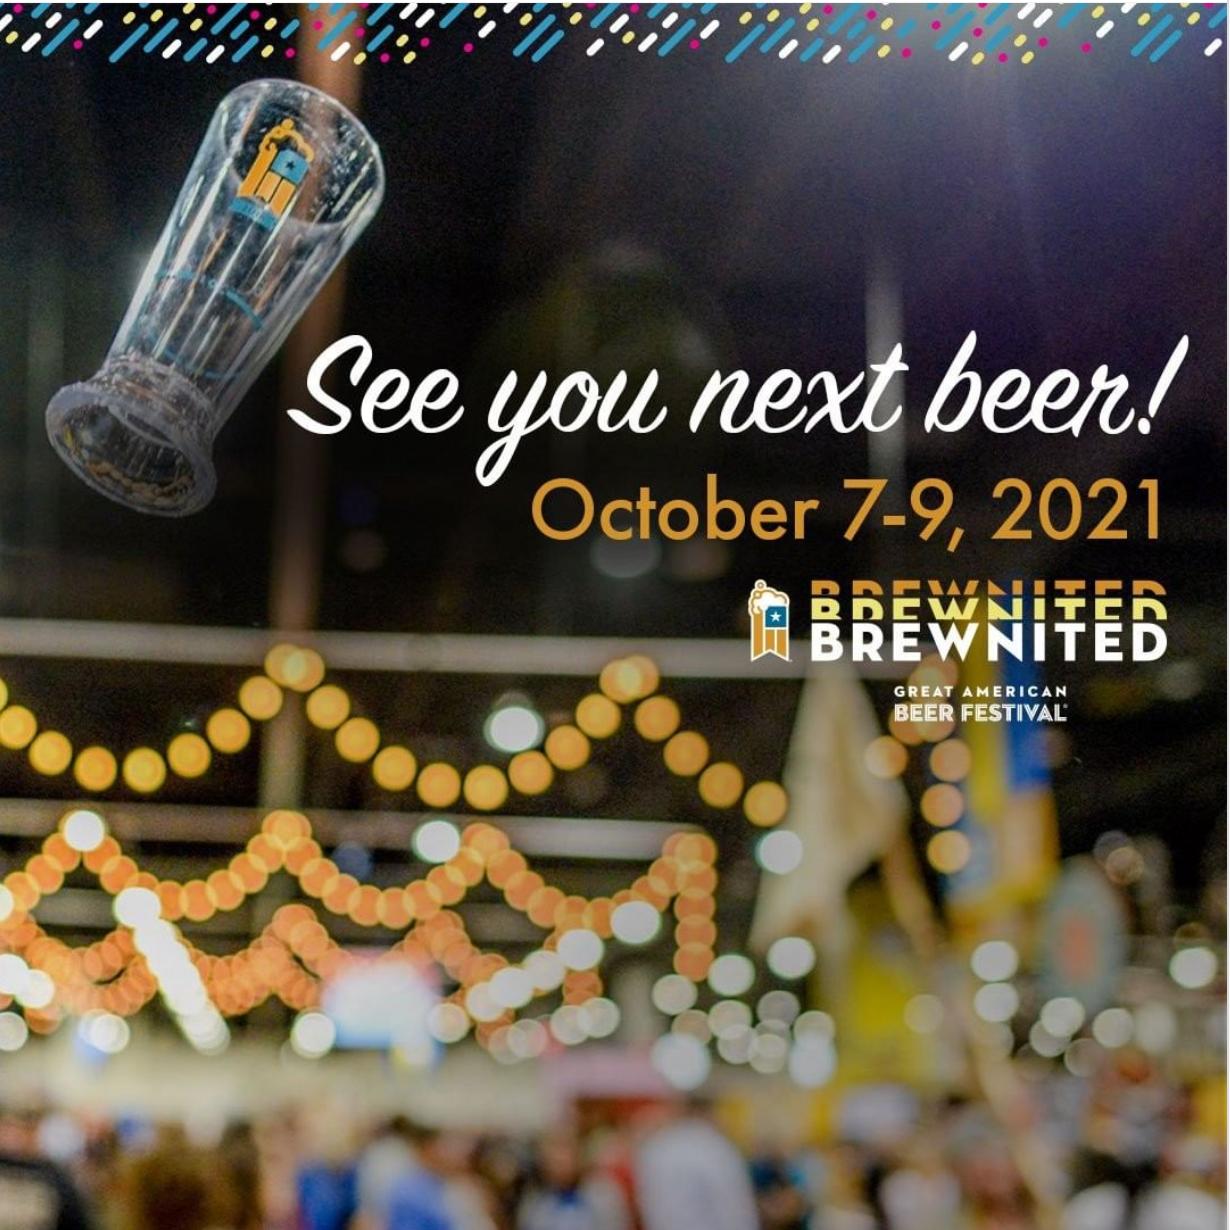 2021 Great American Beer Festival - October 7-9, 2021 - Denver, Colorado